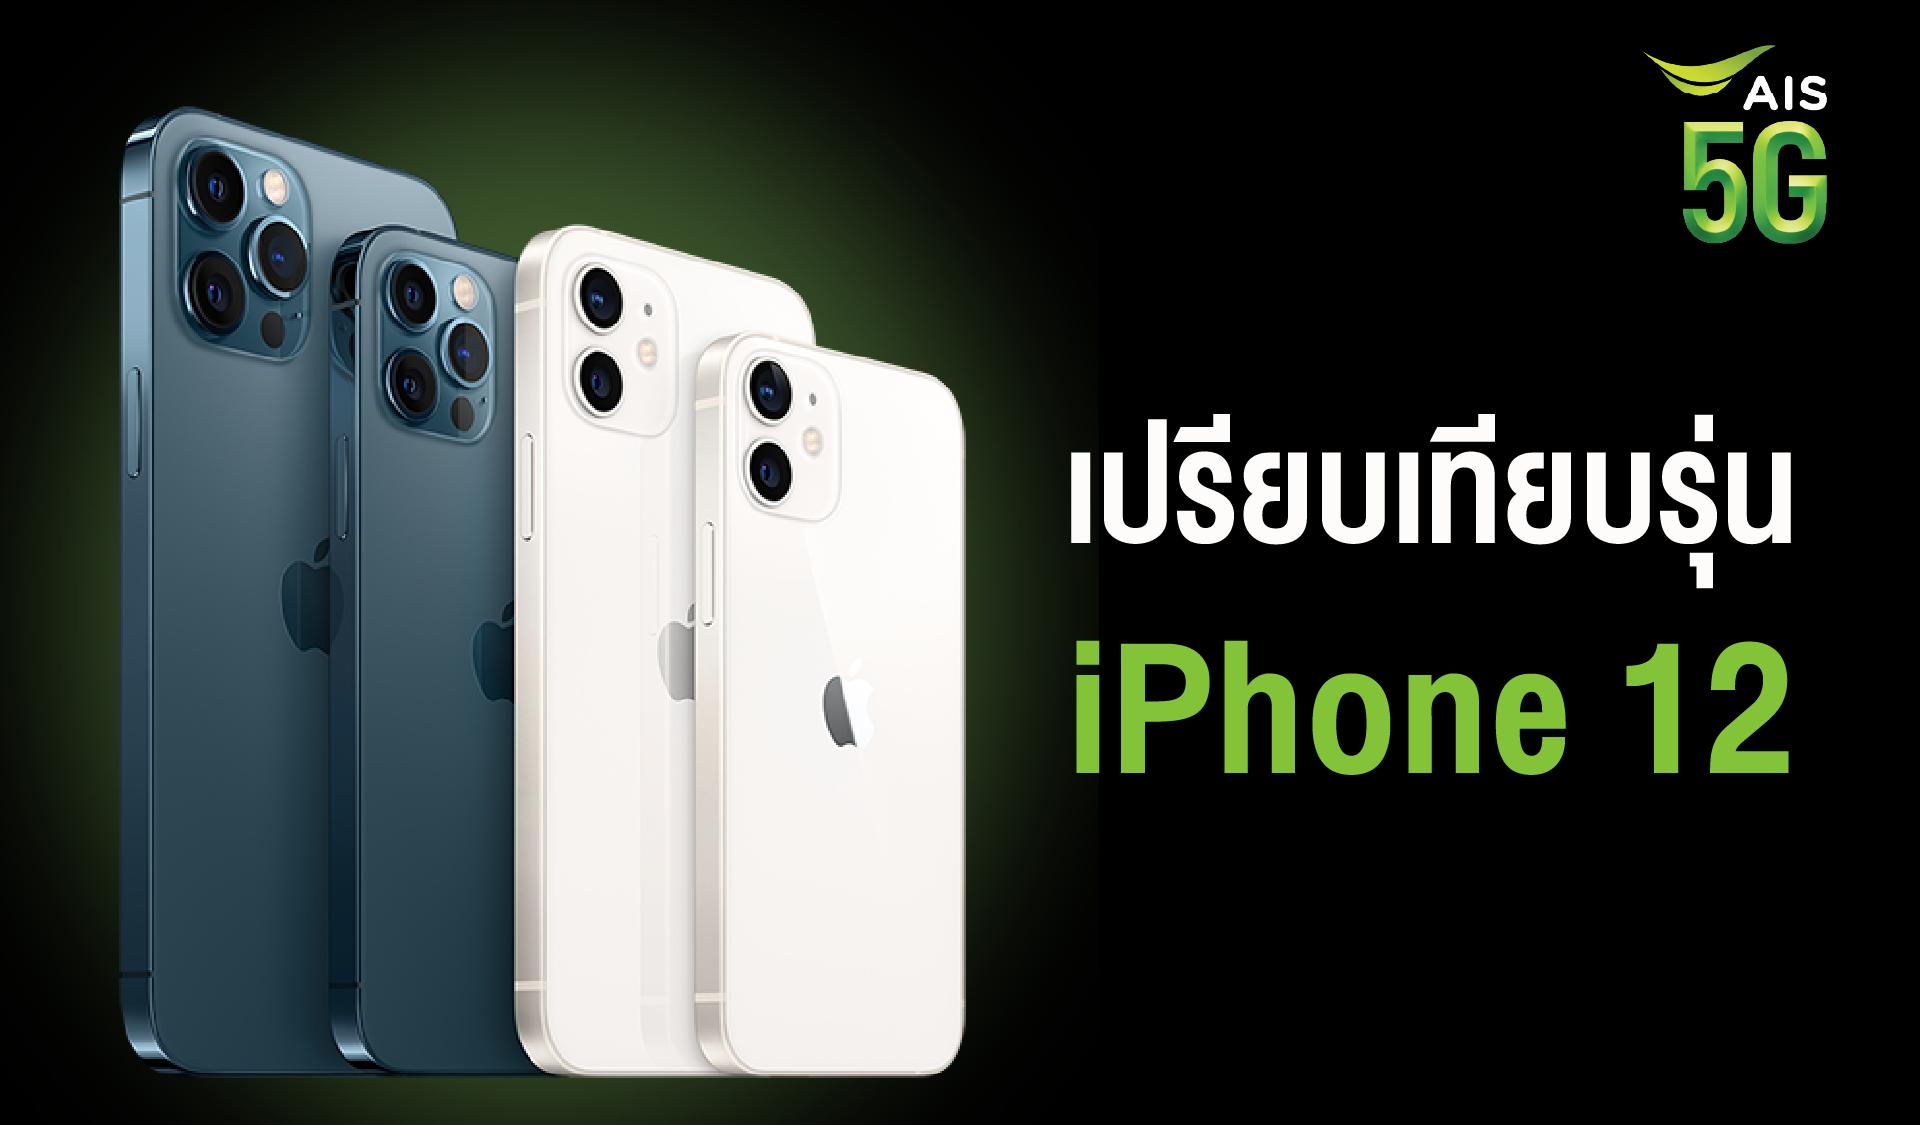 เปรียบเทียบ iPhone 12